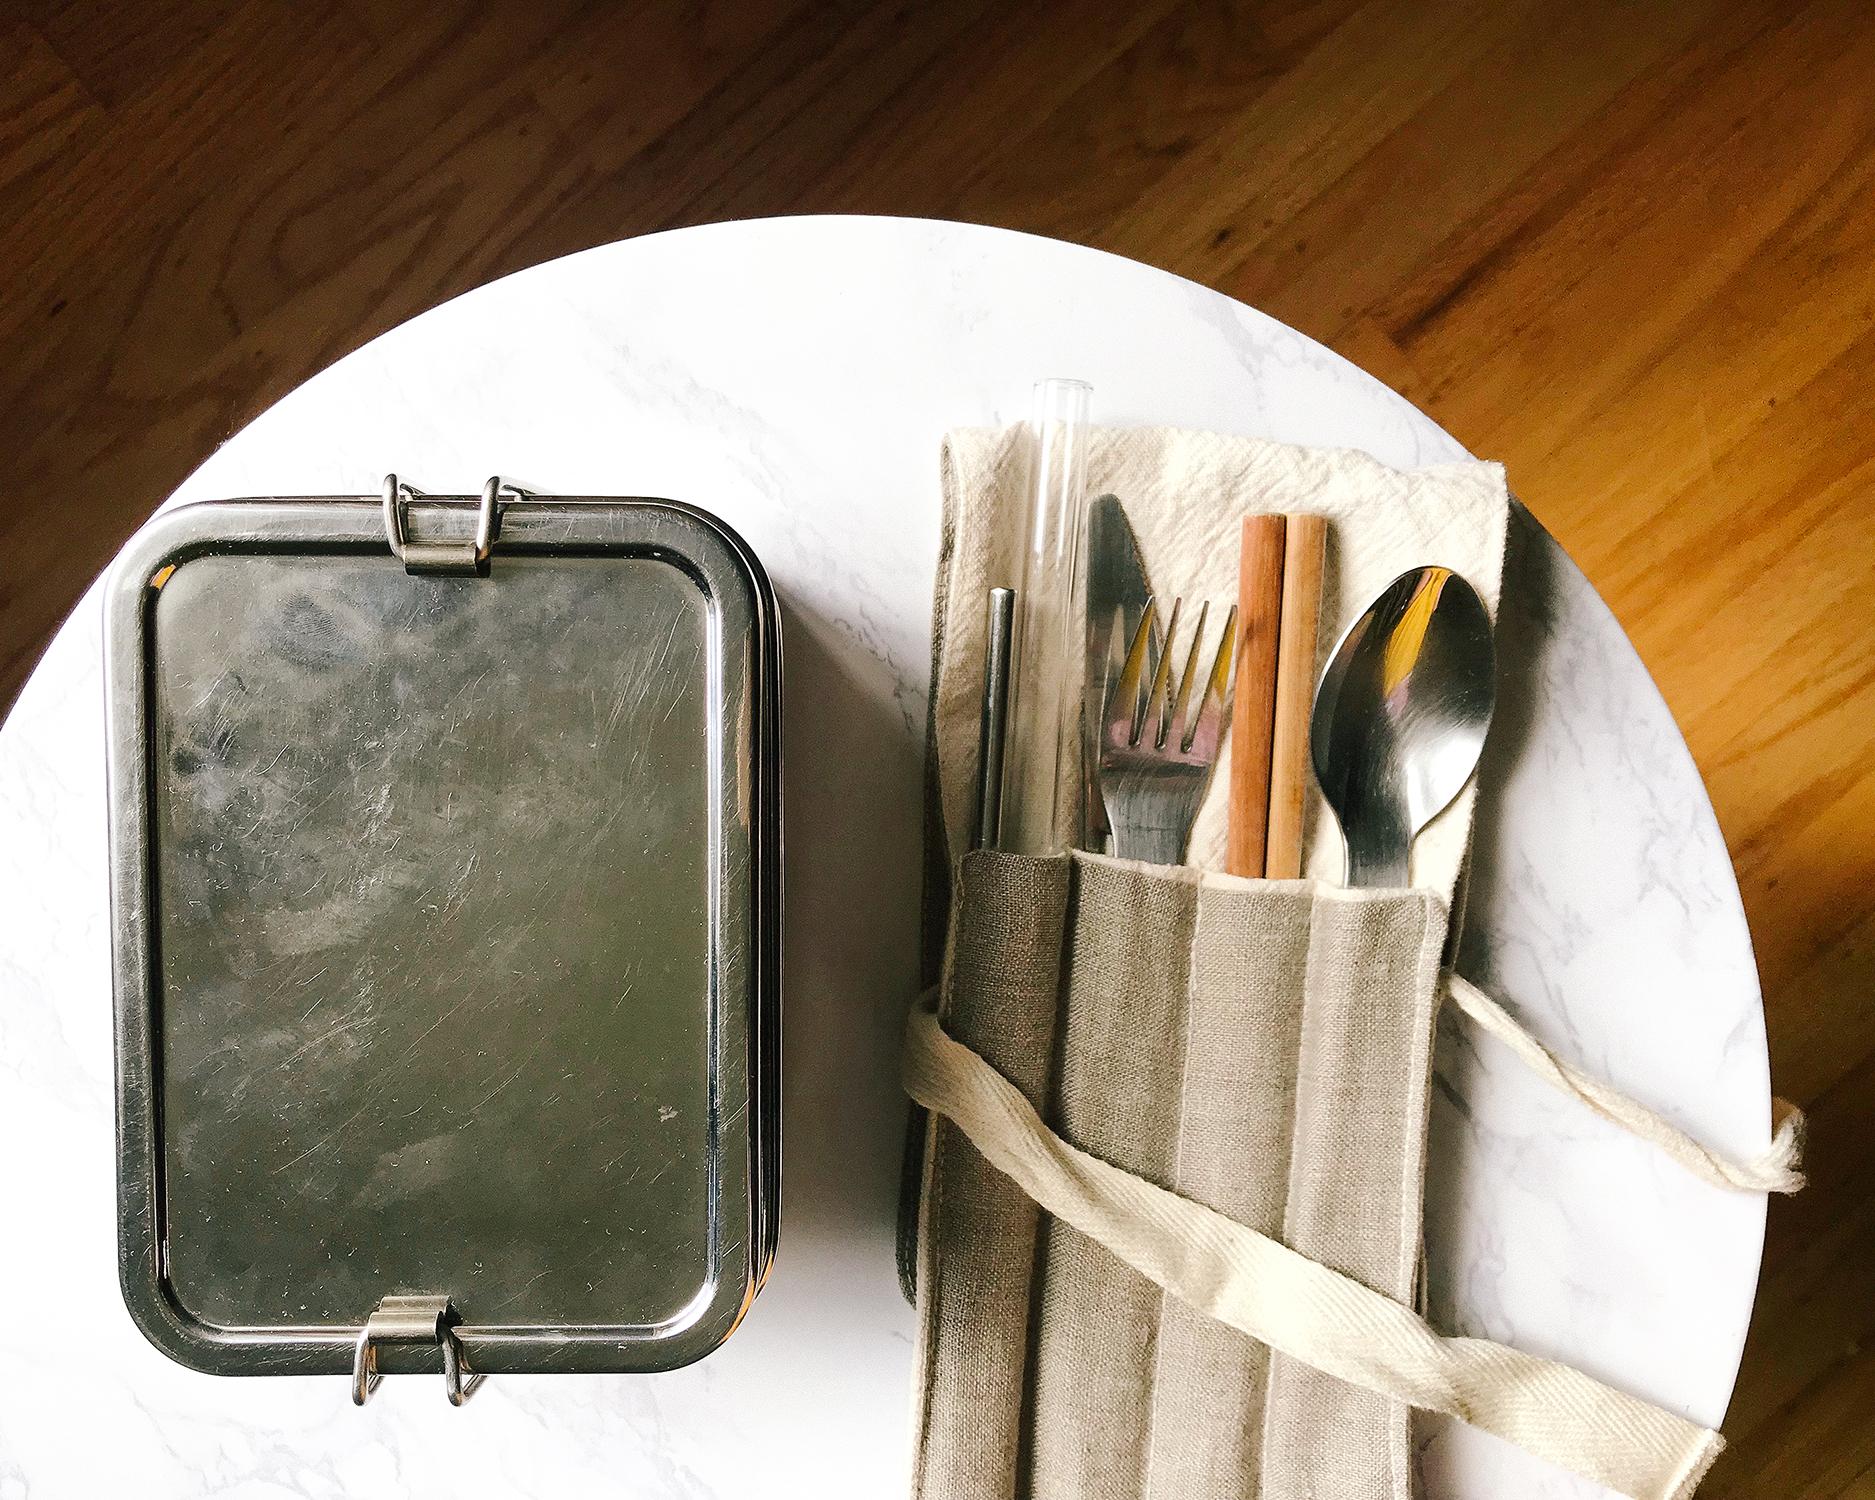 reusable utensil kit